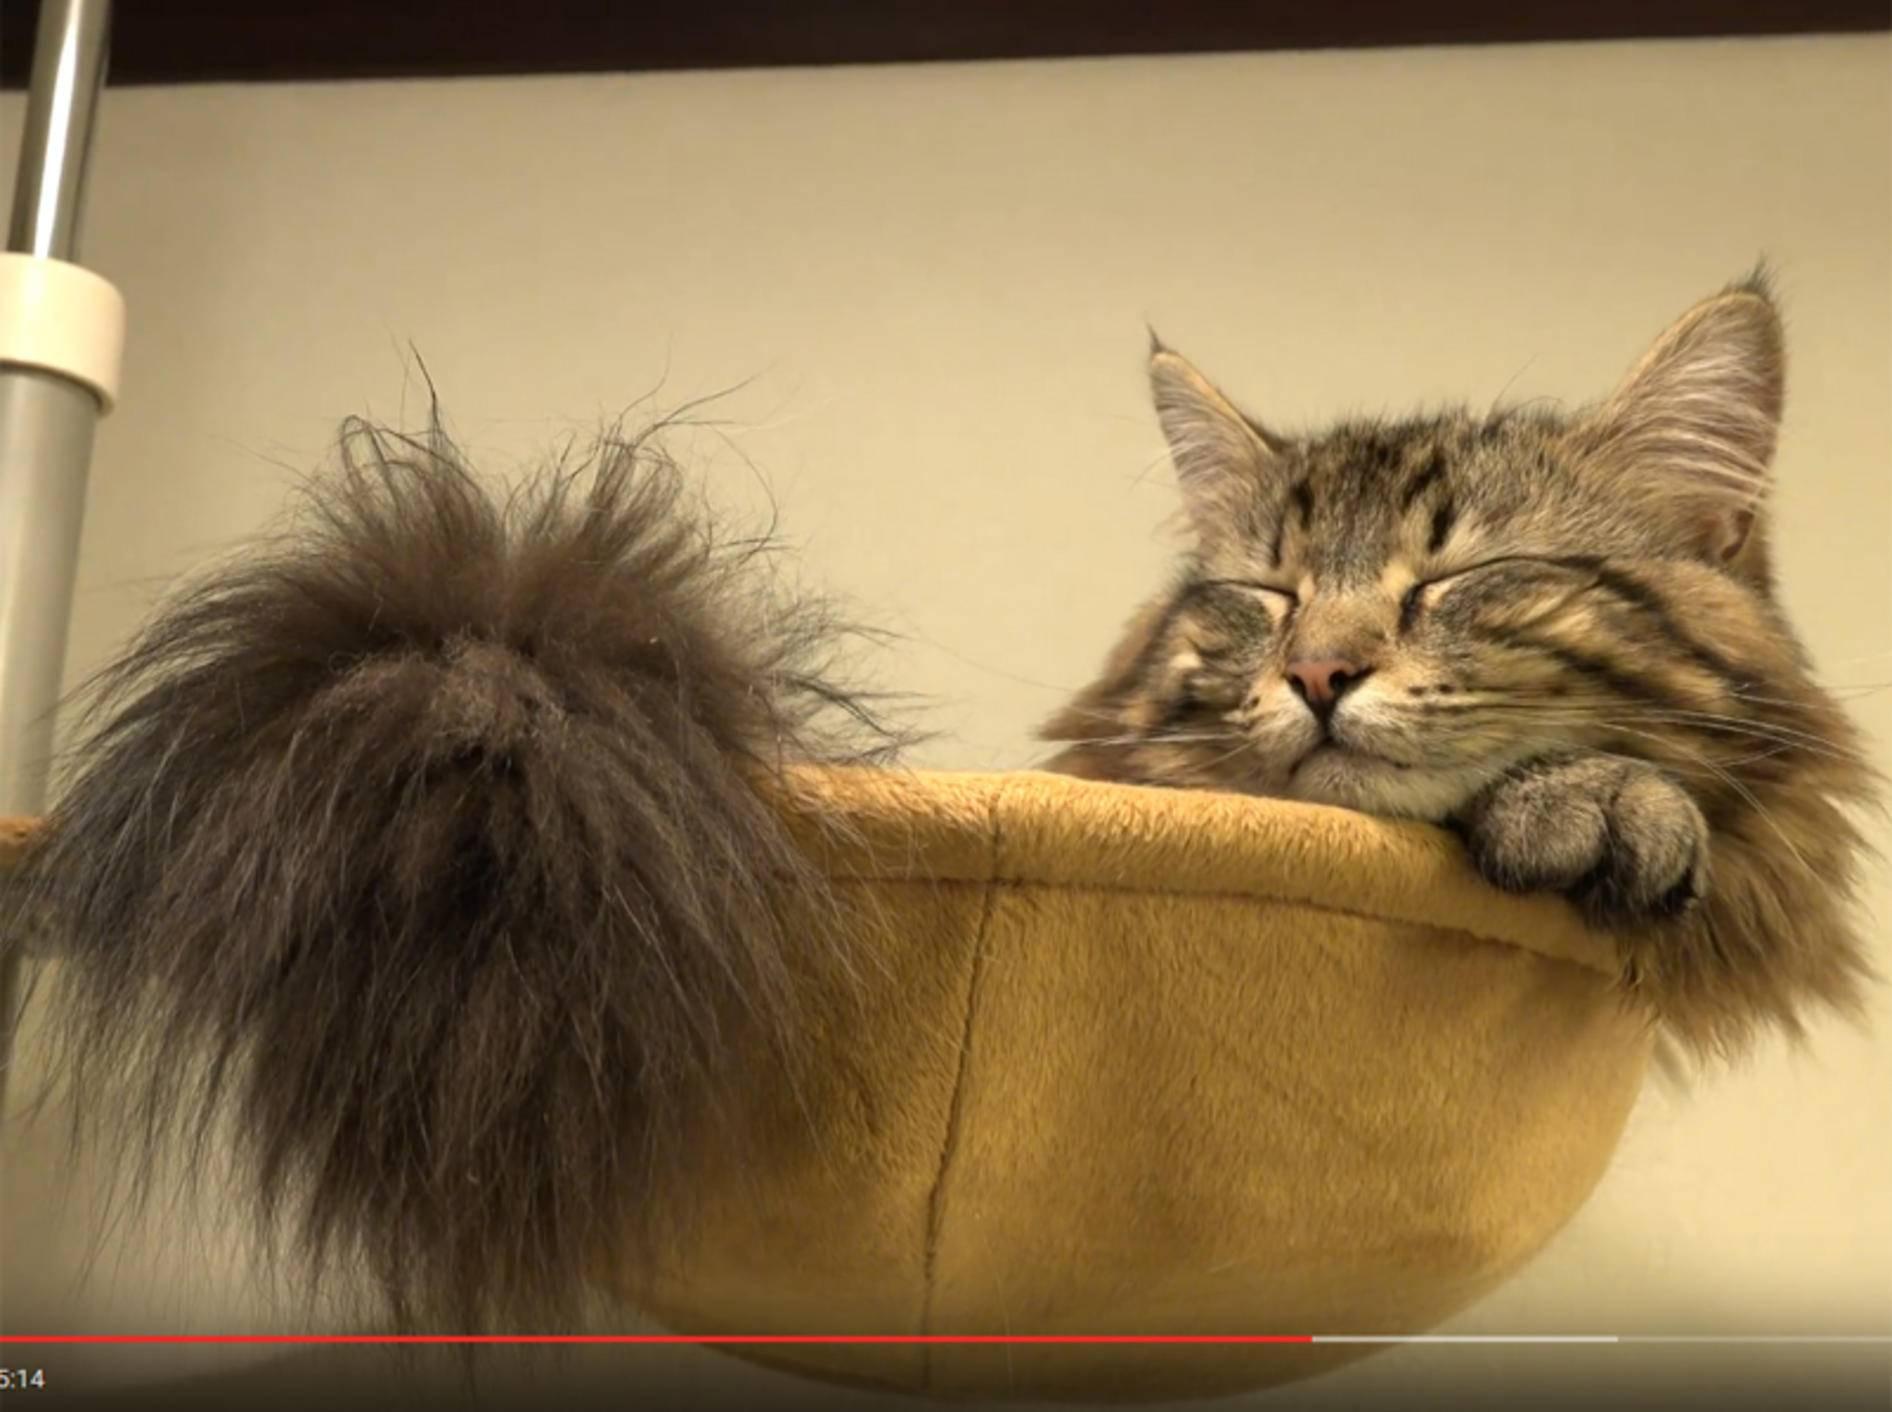 Flauschkaterchen Osamu ist ein Jahr alt geworden – YouTube / 10 Cats.